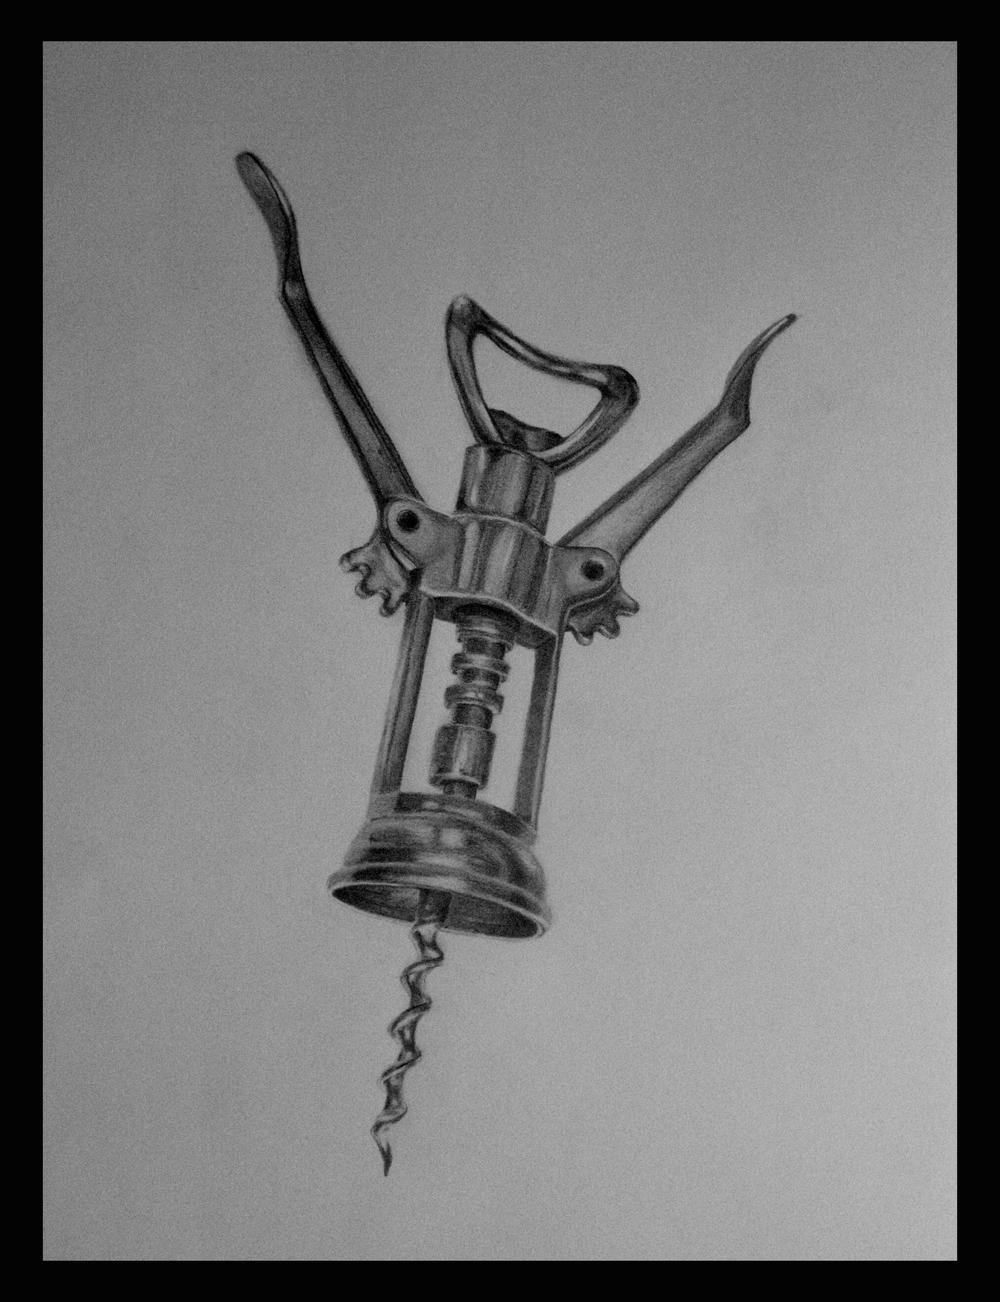 corkscrew2 004.jpg